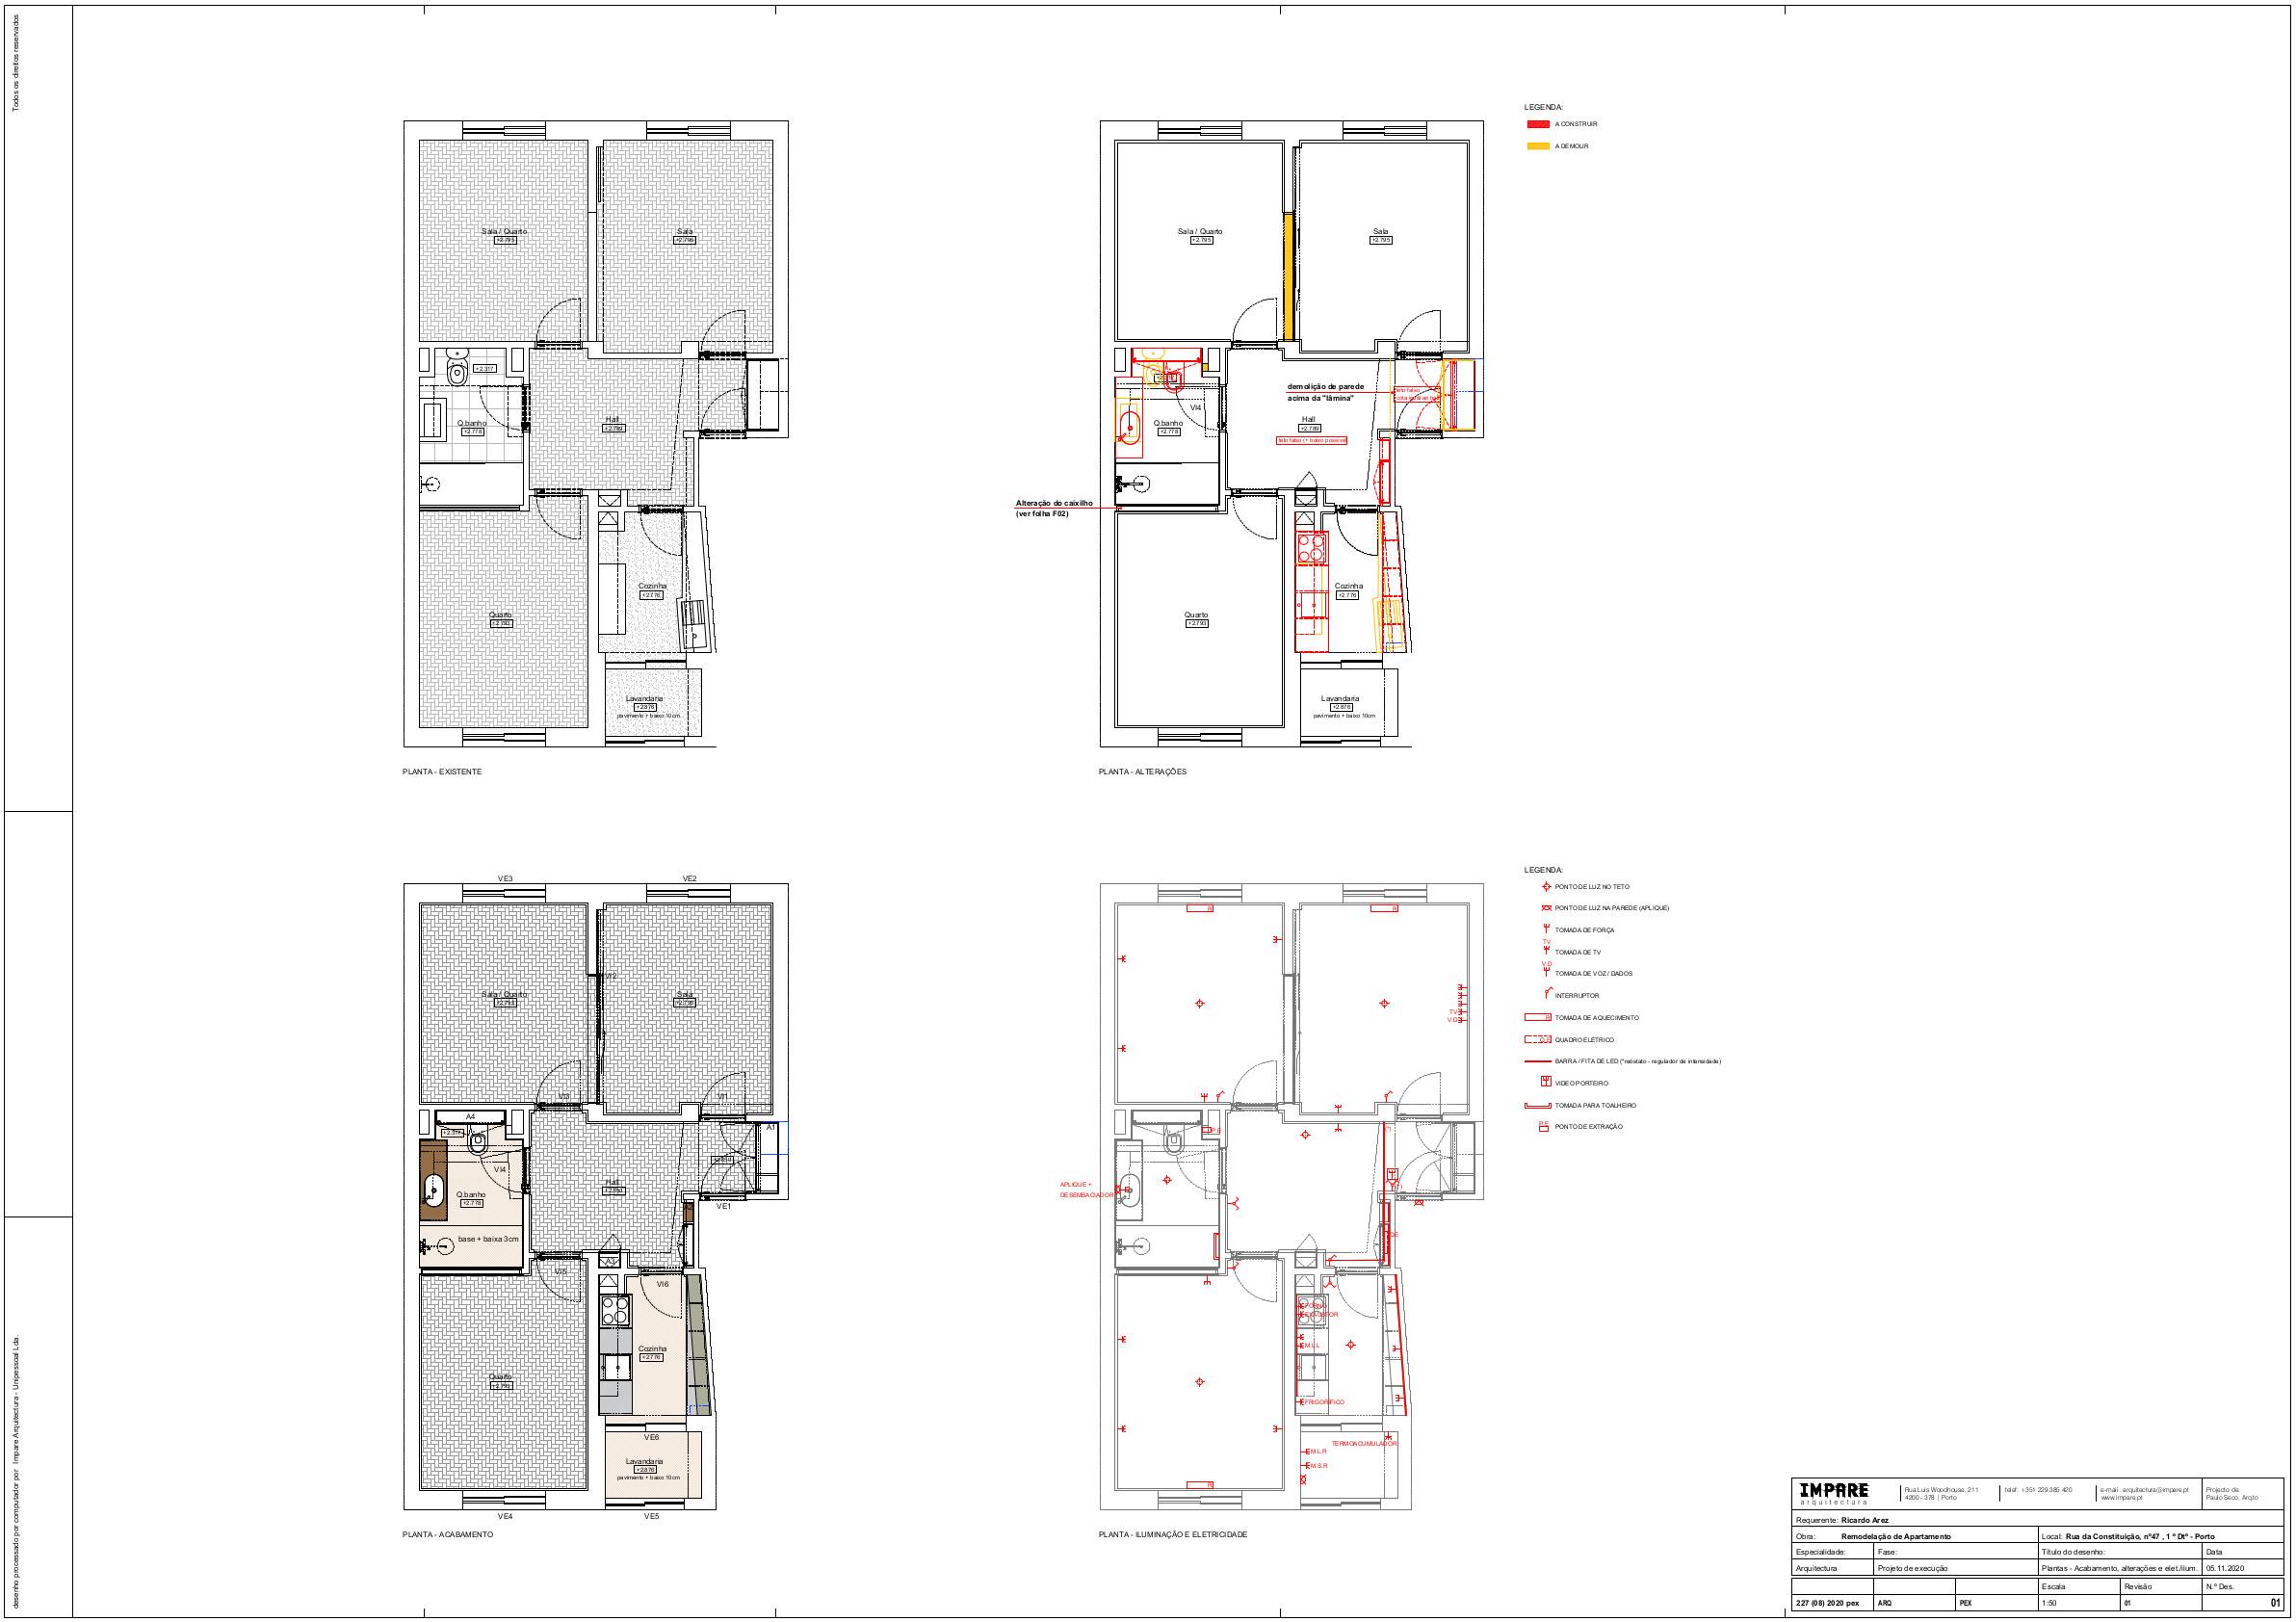 Impare_Arquitectura F01 - Plantas I Acabamento, Alterações, Iluminação e Eletricidade - pex50